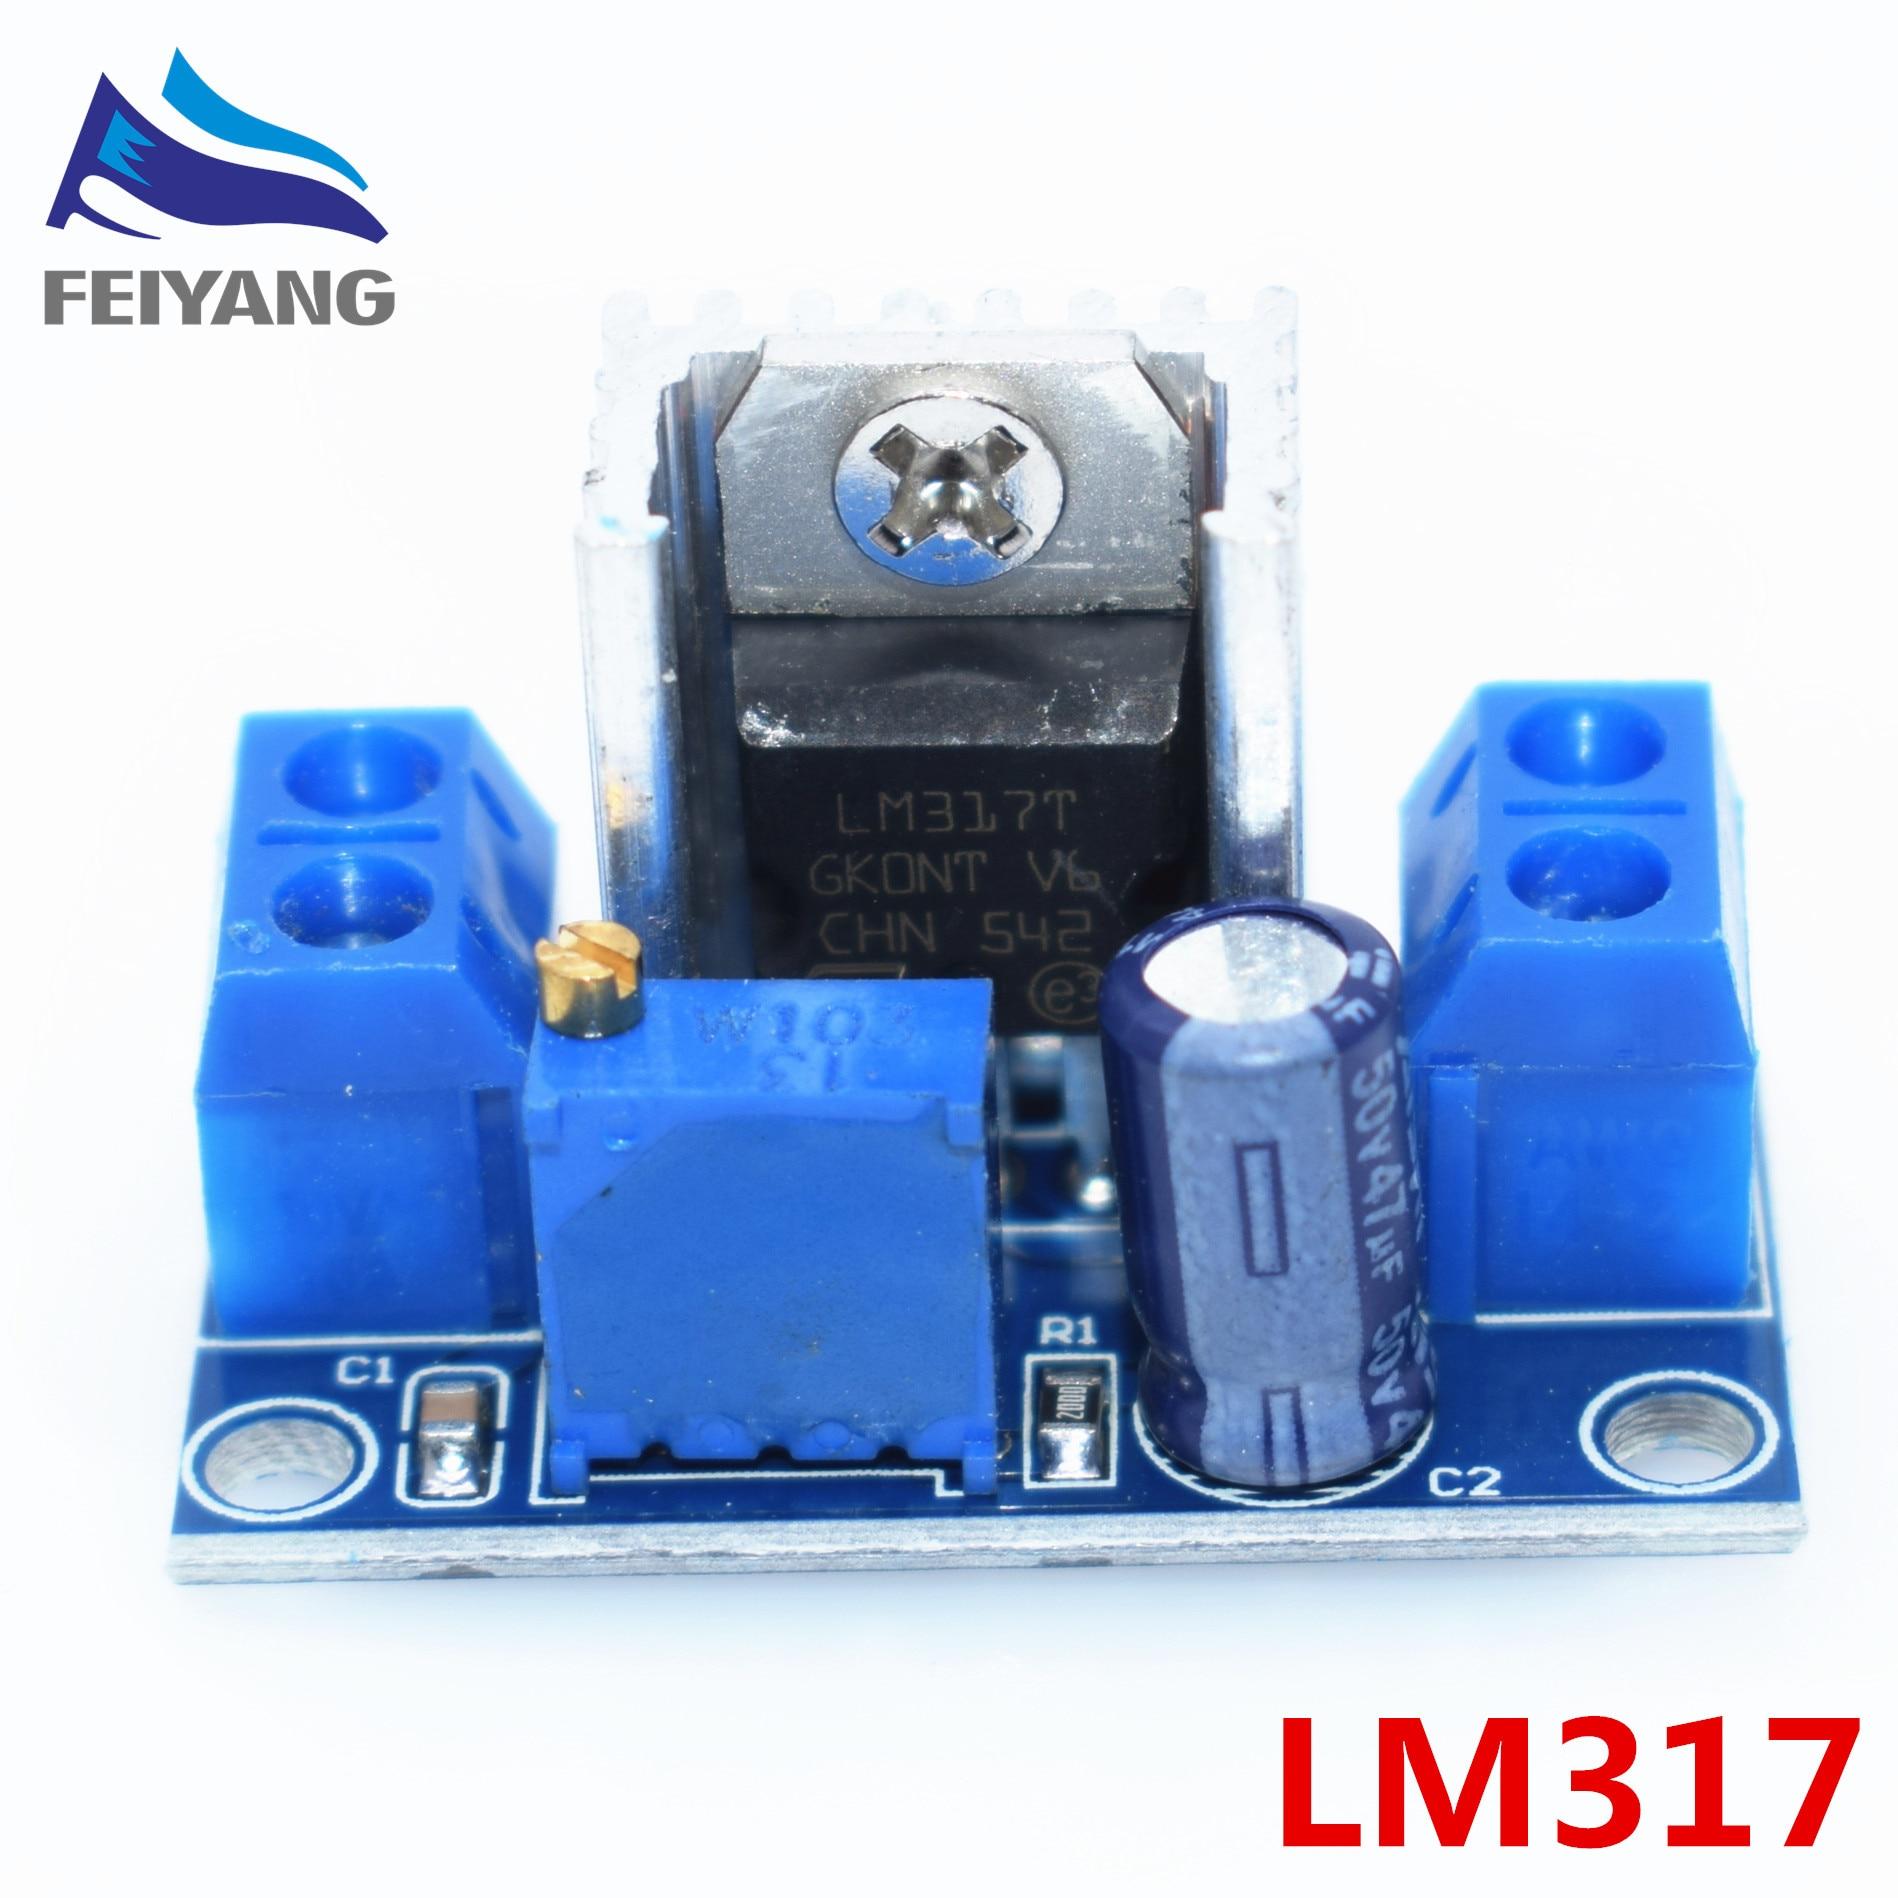 A39 Lm317 Adjustable Voltage Regulator Power Supply Lm317